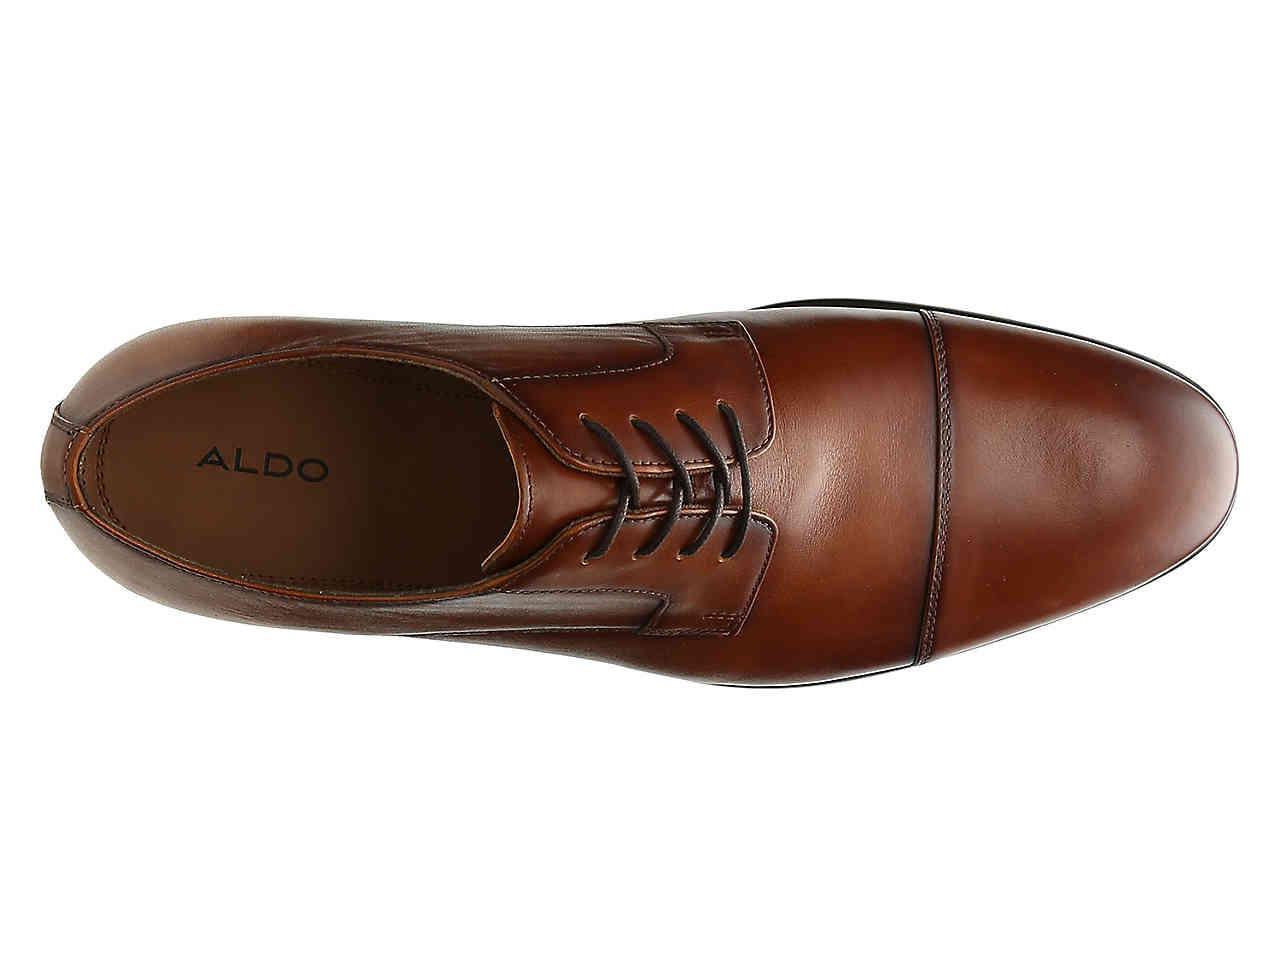 ALDO Knaggs Cap Toe Oxford in Brown for